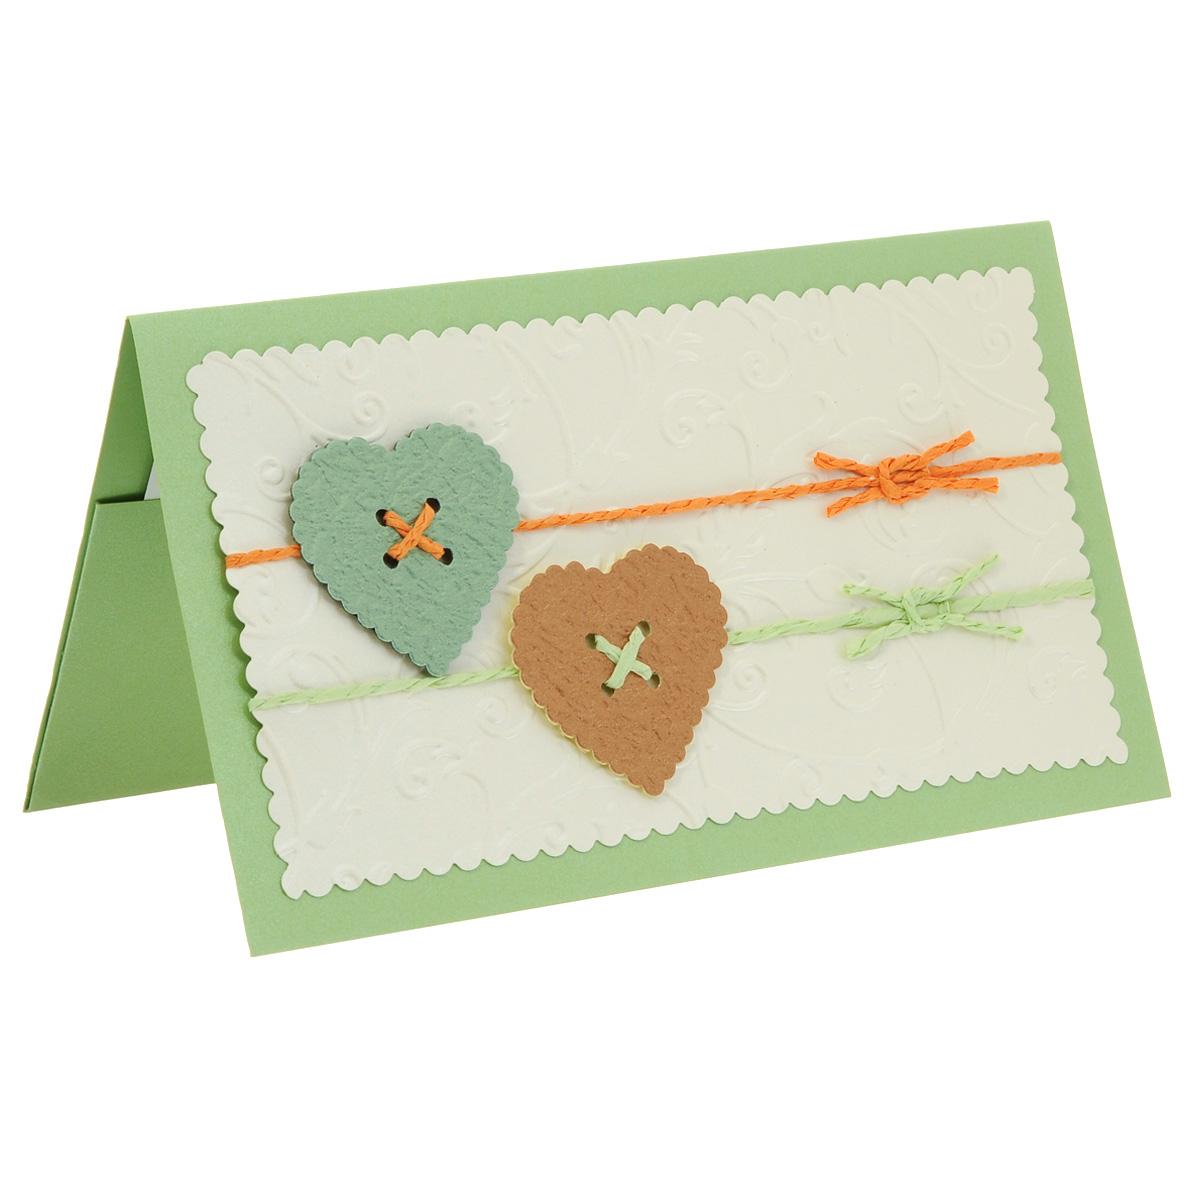 ОВЛ-0001 Открытка-конверт (сердечки с вощеным шнуром). Студия «Тётя Роза»94993Характеристики: Размер 19 см x 11 см.Материал: Высоко-художественный картон, бумага, декор. Данная открытка может стать как прекрасным дополнением к вашему подарку, так и самостоятельным подарком. Так как открытка является и конвертом, в который вы можете вложить ваш денежный подарок или просто написать ваши пожелания на вкладыше. Легкий, свежий конверт с ажурными сердечками в виде пуговок на шнурках выполнен в нежно-зеленых и кремовых тонах. Основной фон выполнен с рельефными вензелями, которые придают праздничную нарядность этому поздравлению. Также открытка упакована в пакетик для сохранности.Обращаем Ваше внимание на то, что открытка может незначительно отличаться от представленной на фото.Открытки ручной работы от студии Тётя Роза отличаются своим неповторимым и ярким стилем. Каждая уникальна и выполнена вручную мастерами студии. (Открытка для мужчин, открытка для женщины, открытка на день рождения, открытка с днем свадьбы, открытка винтаж, открытка с юбилеем, открытка на все случаи, скрапбукинг)